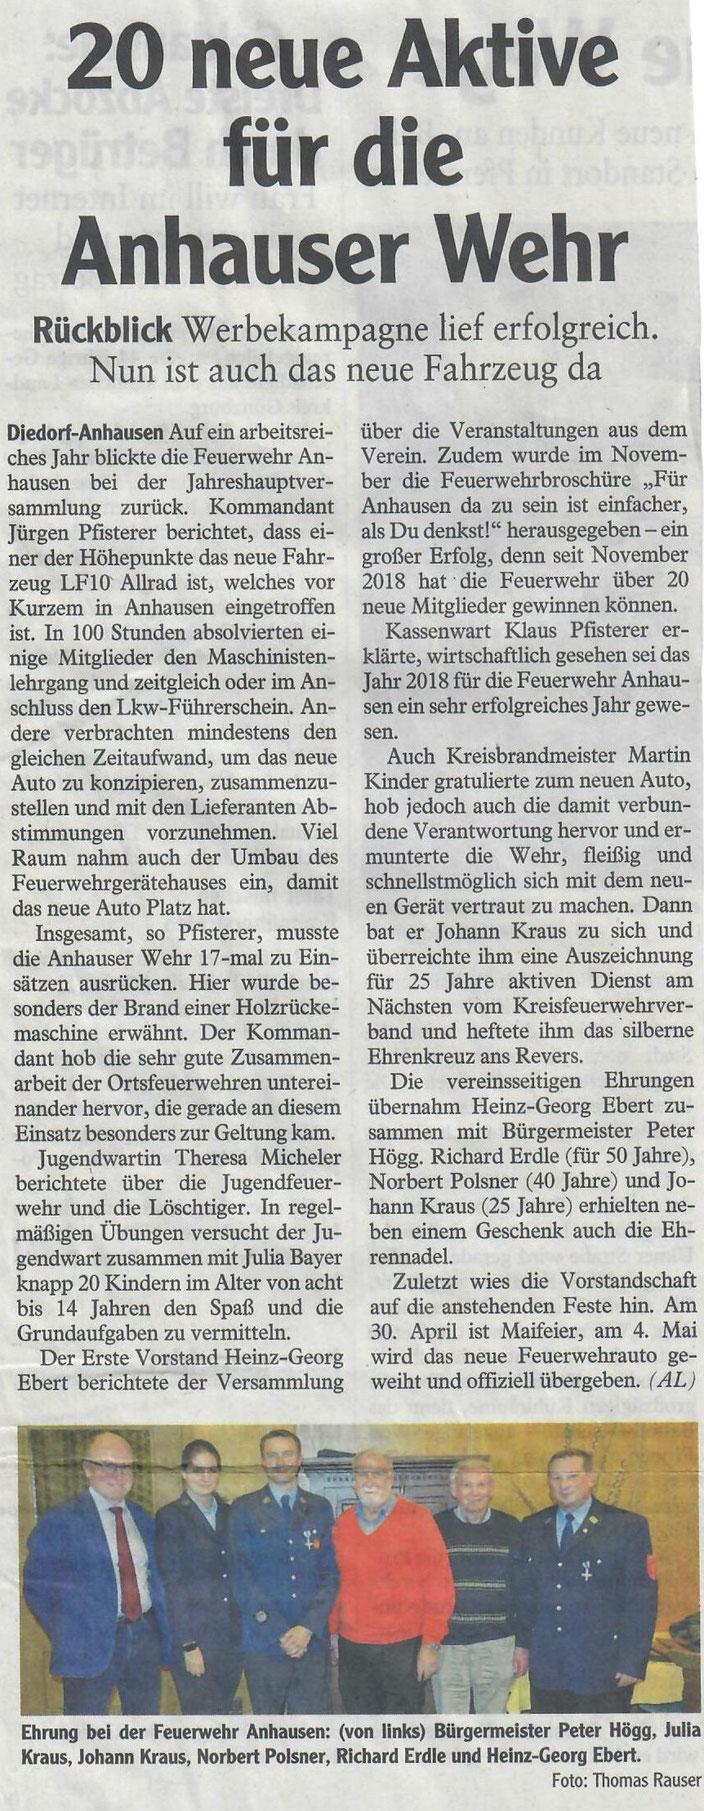 Augsburger Allgemeine, 15. März 2019